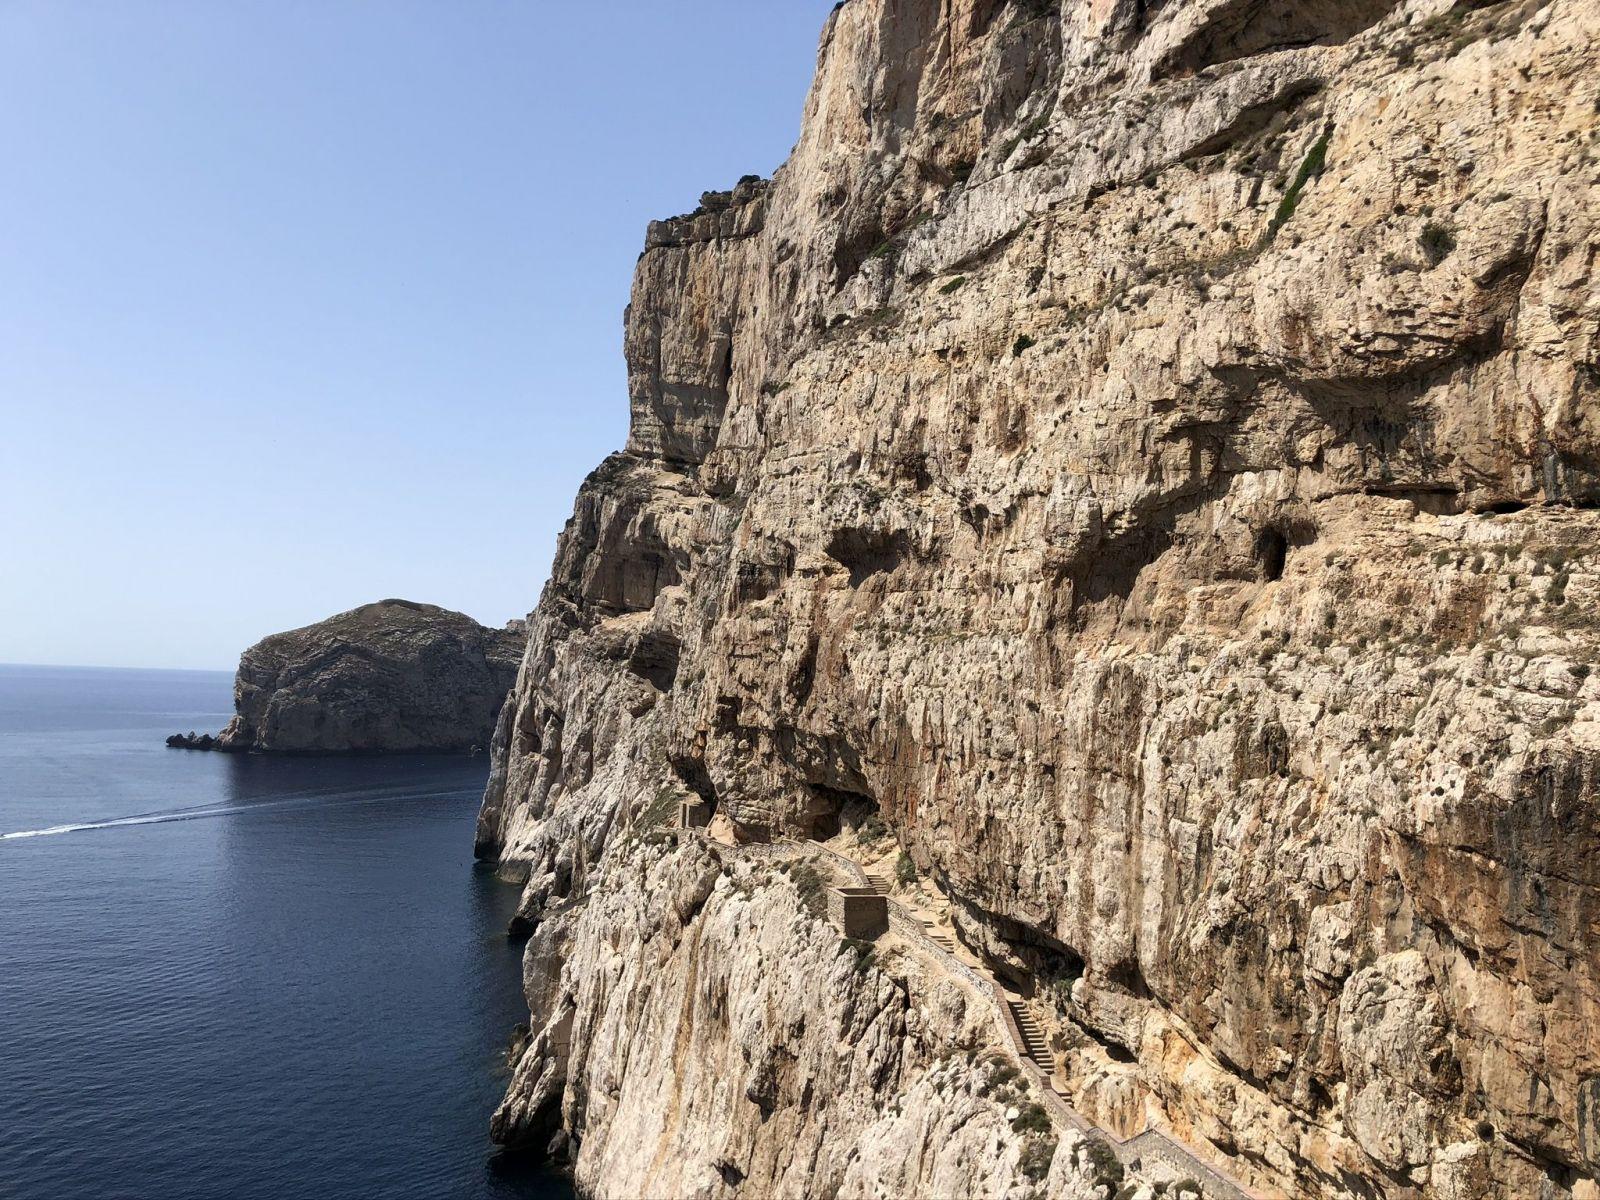 Dobrú reštauráciu na Sardínii nájdete podľa svätých obrázkov, gumených obrúsov a futbalu v telke, hovorí novinárka Eva Kubániová